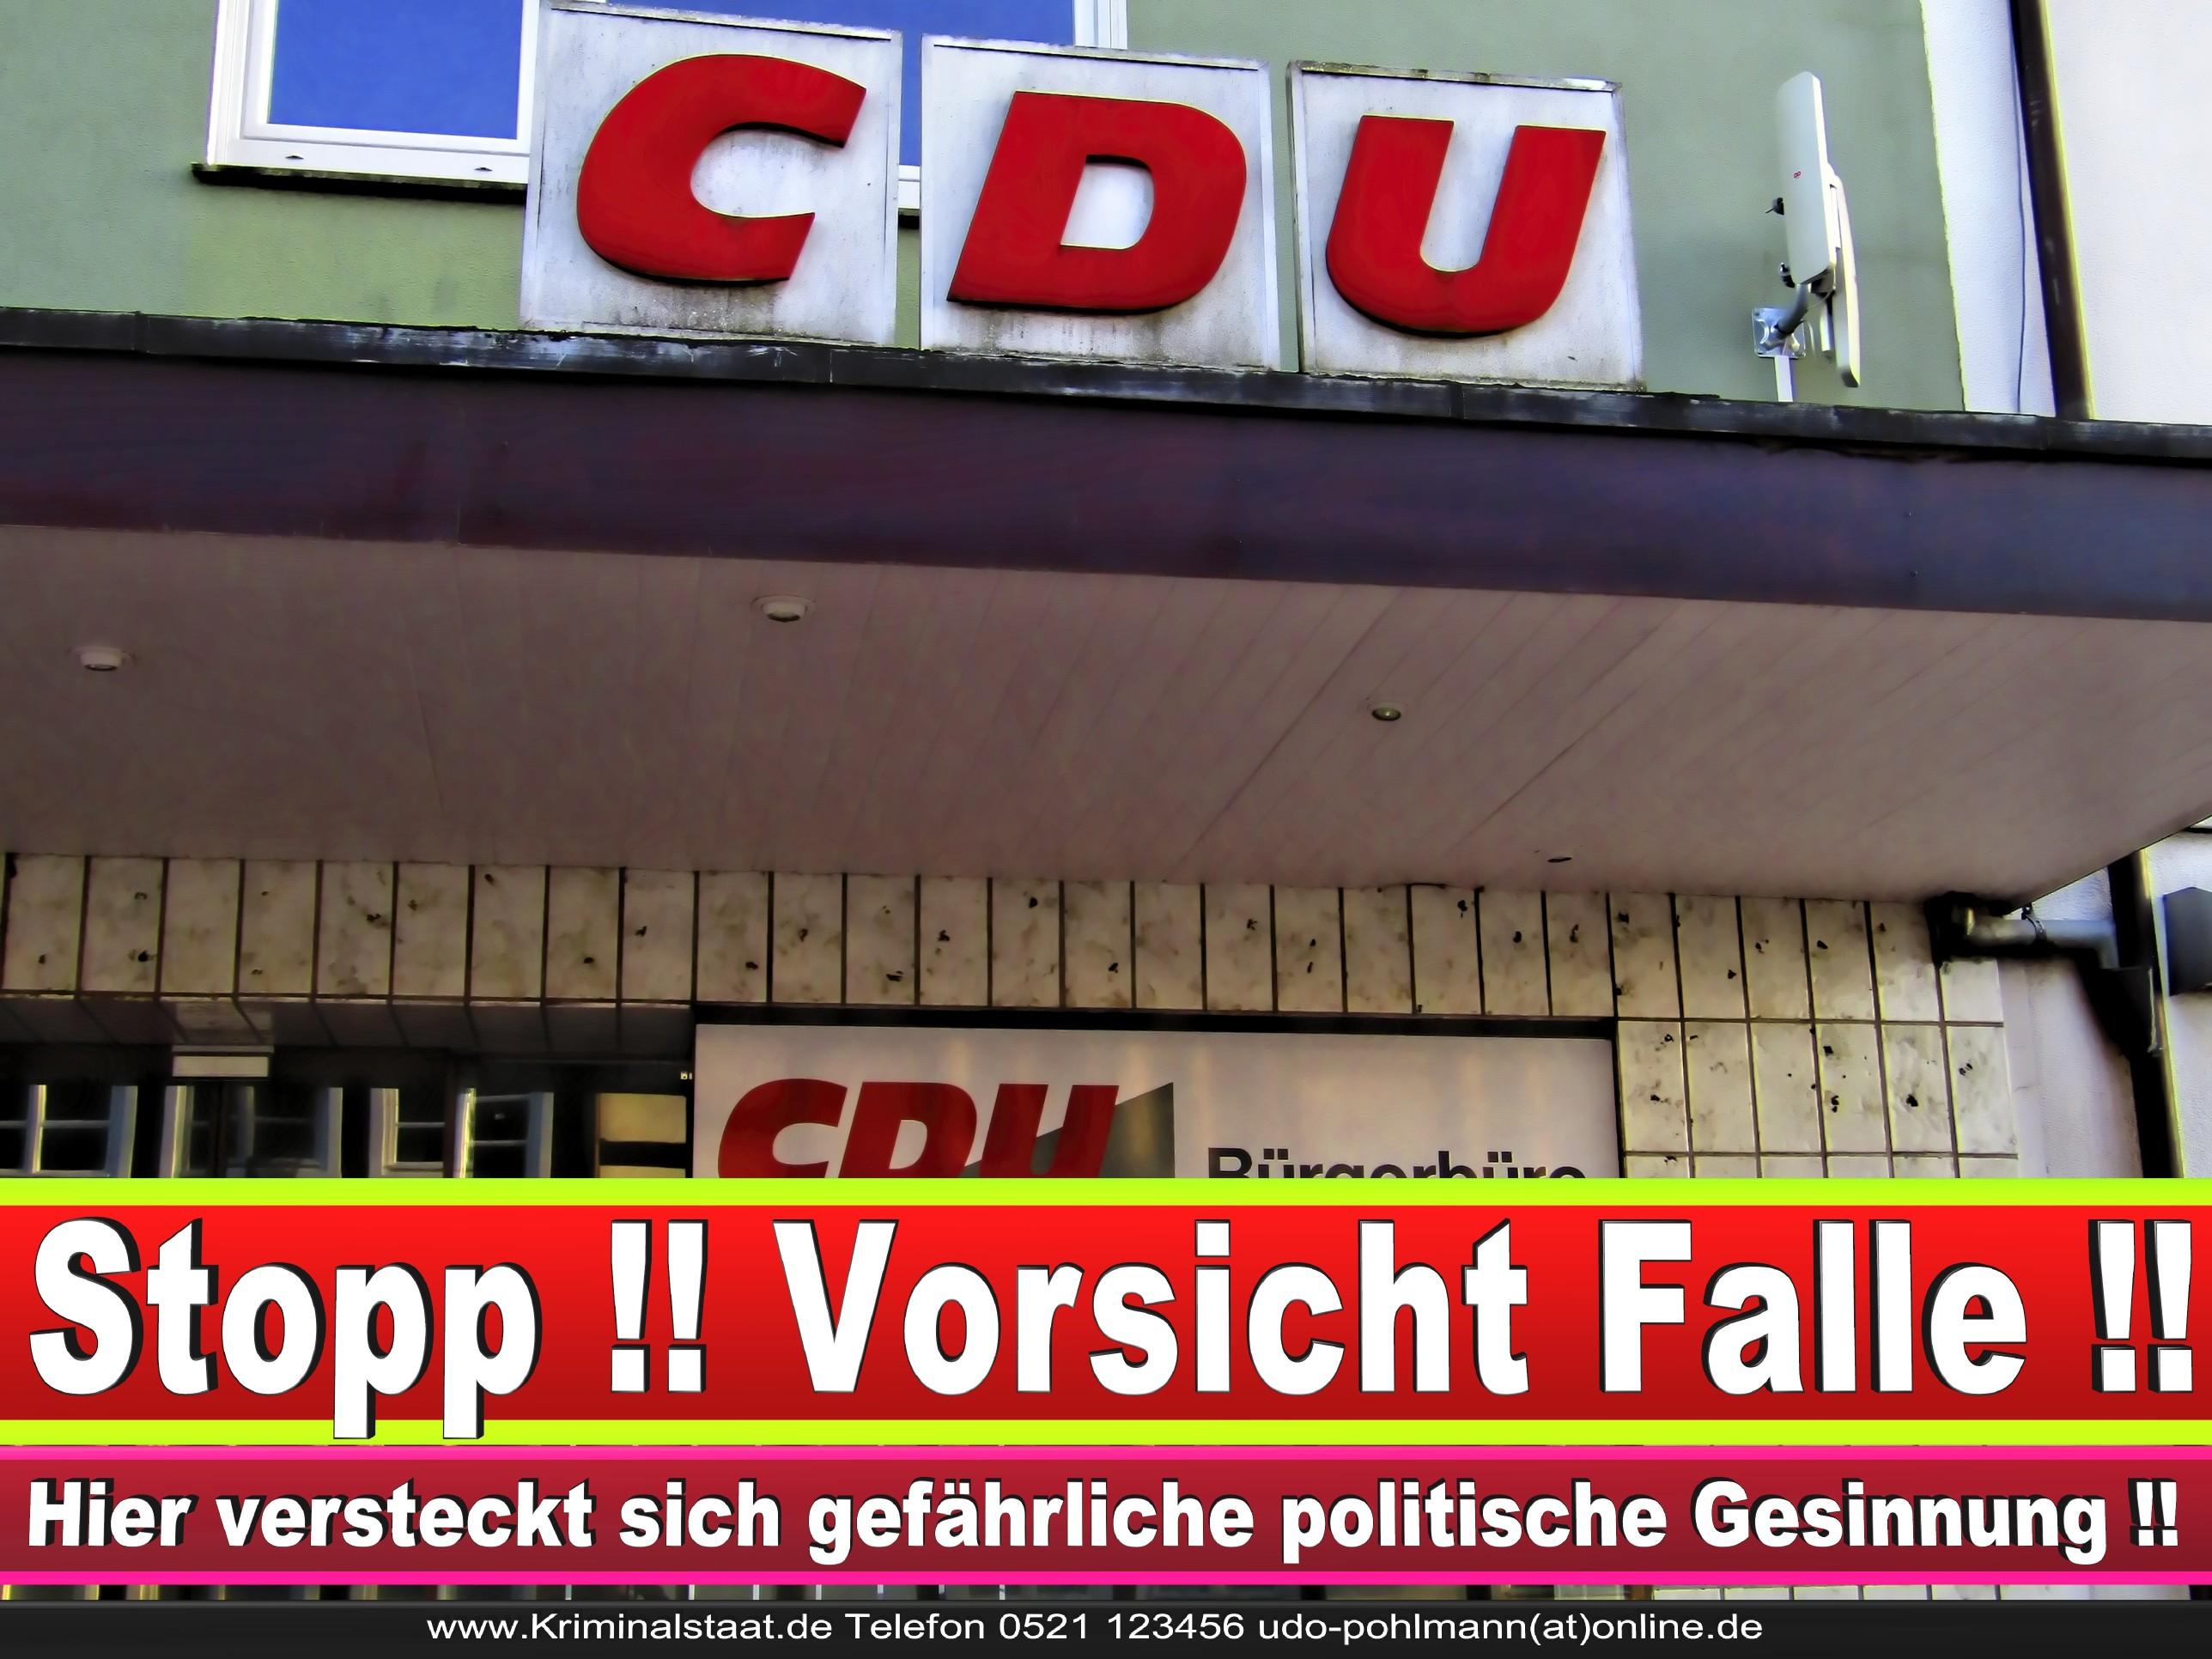 CDU Gemeindeverband Steinhagen Am Markt 13 33803 Steinhagen NRW Ortsverband CDU Steinhagen 10